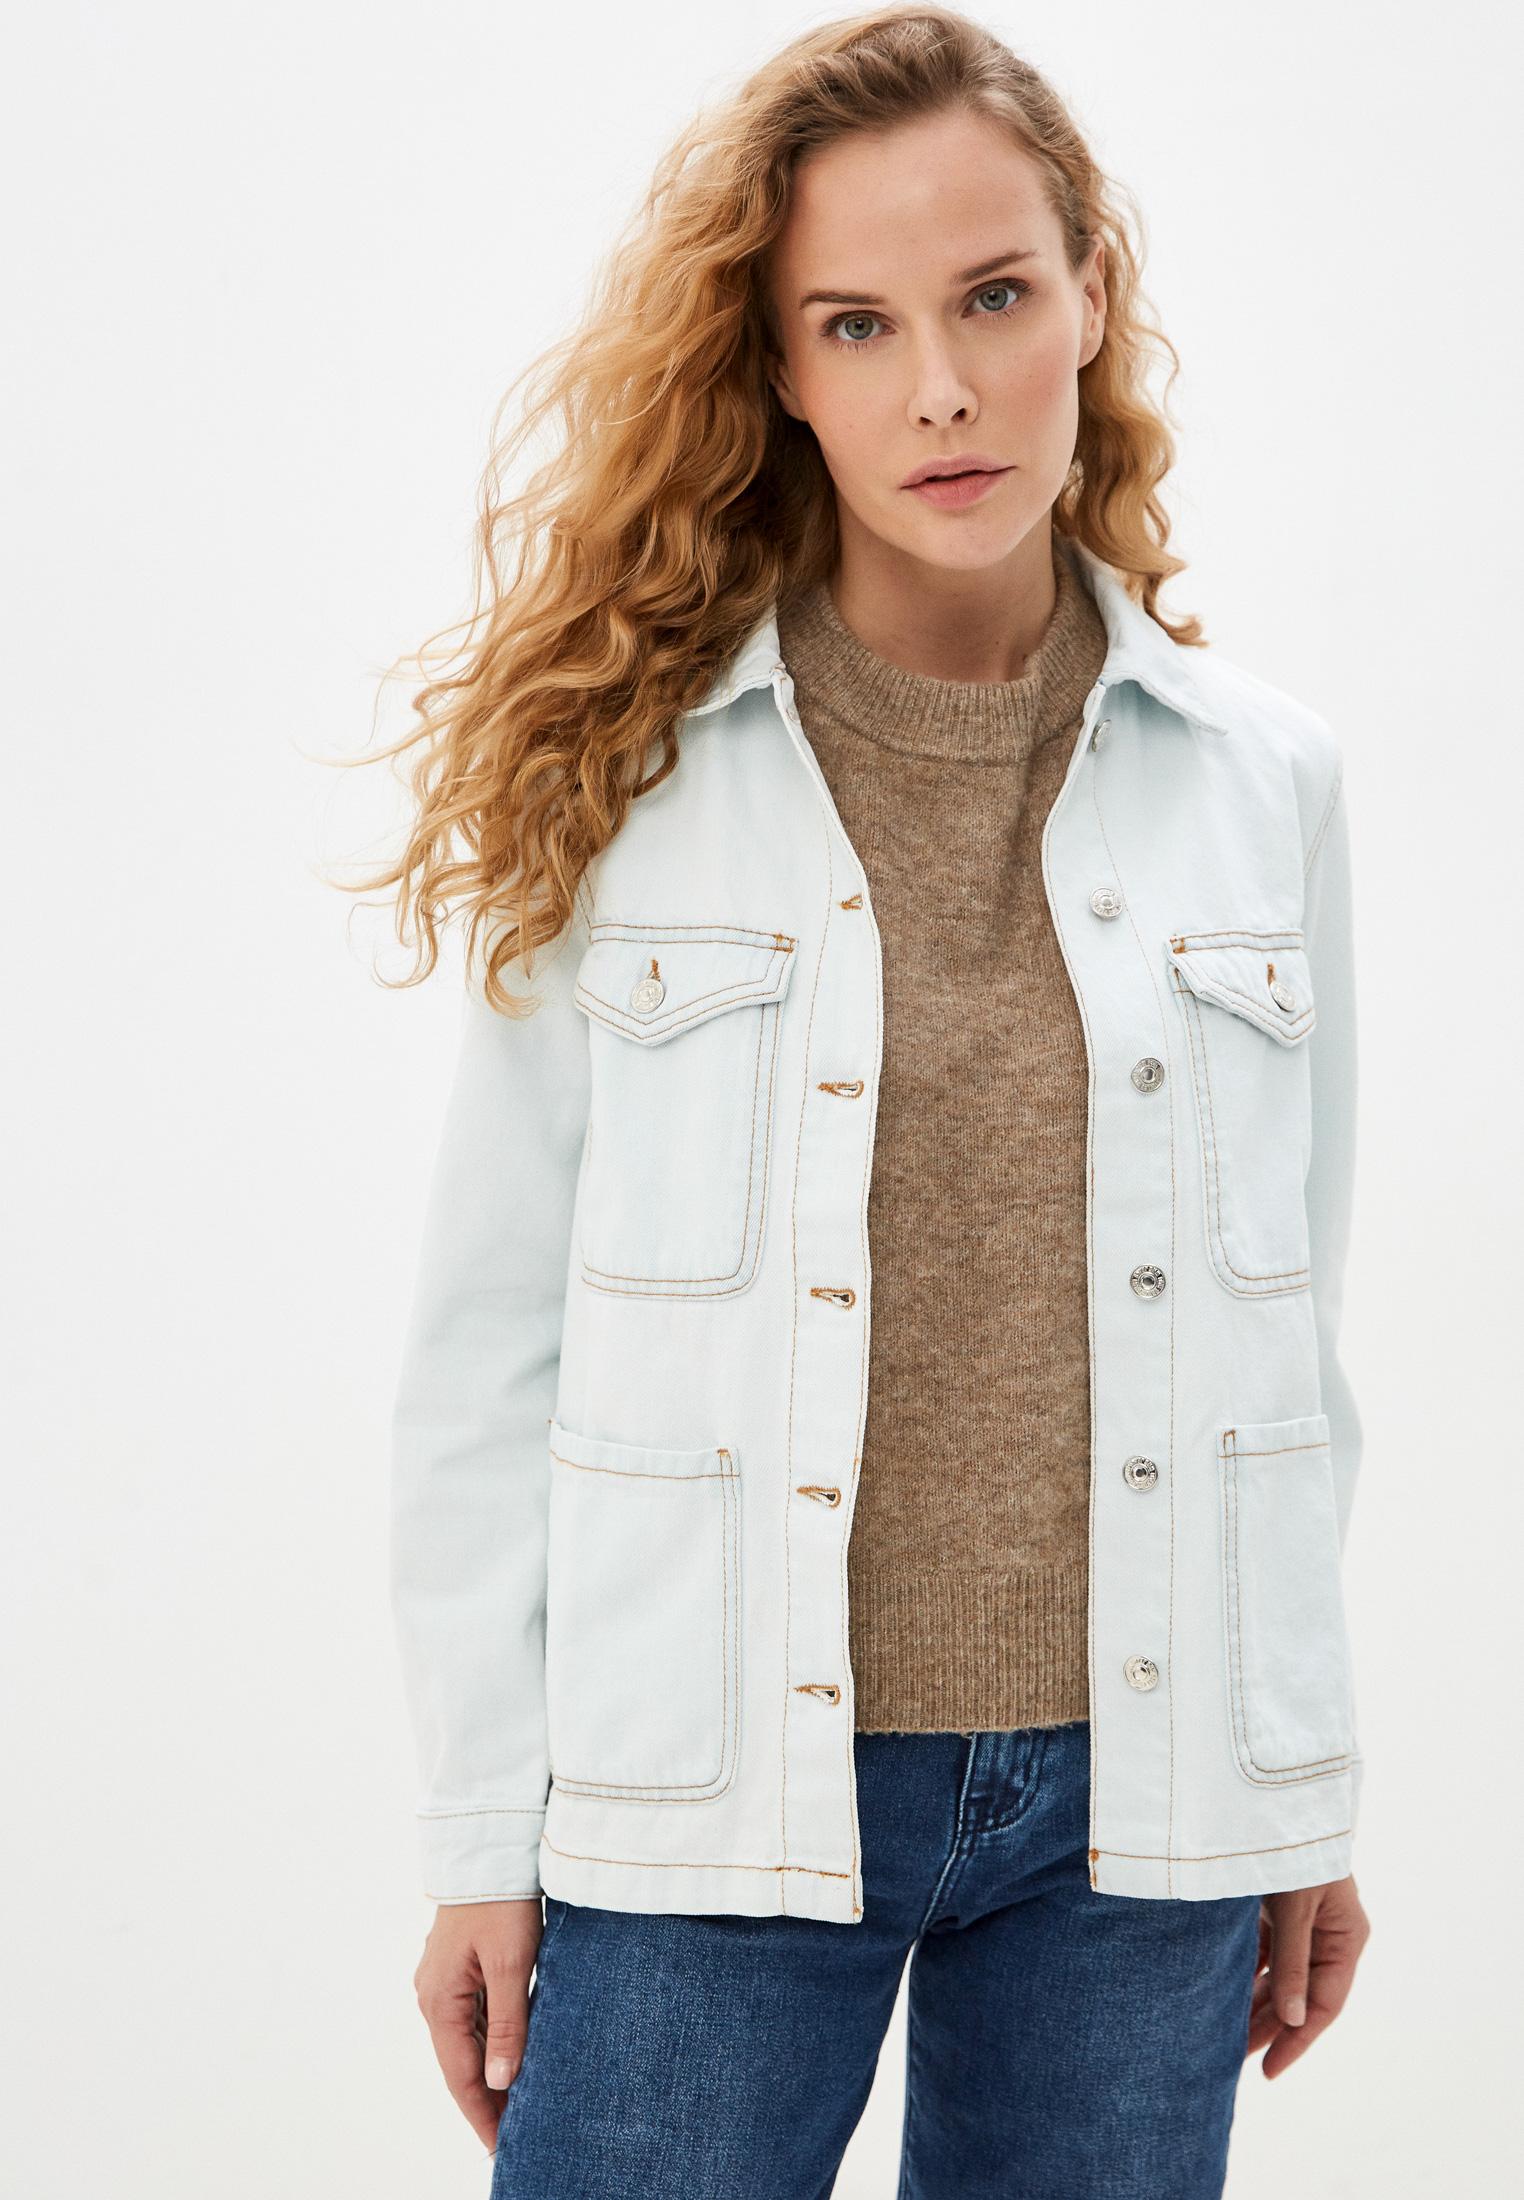 Джинсовая куртка Mango (Манго) Куртка джинсовая Mango